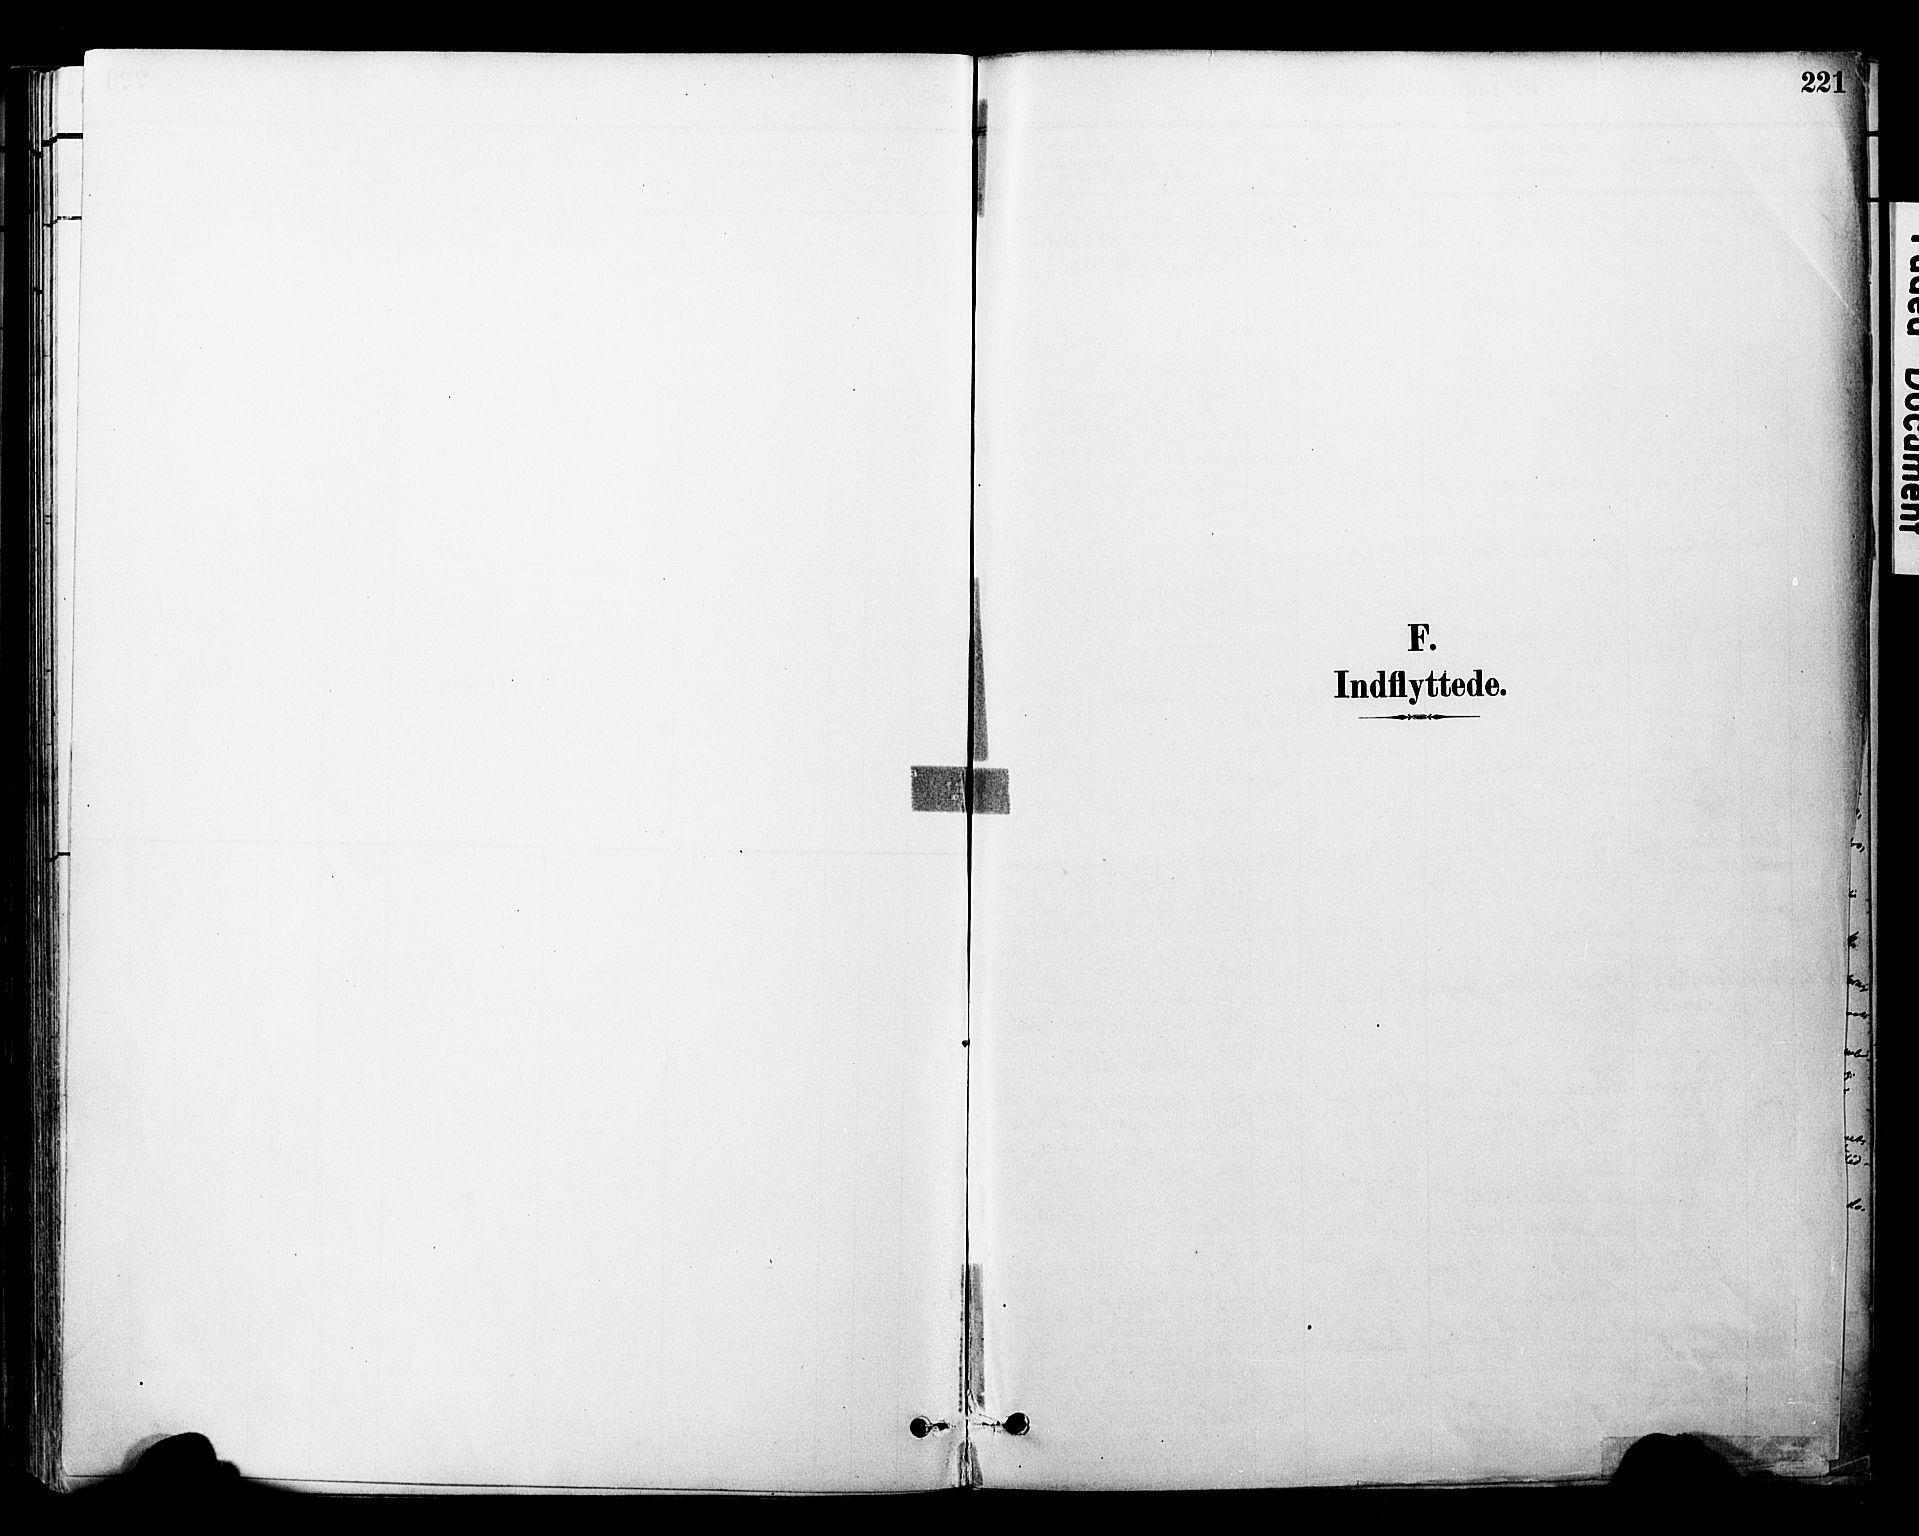 SAT, Ministerialprotokoller, klokkerbøker og fødselsregistre - Nord-Trøndelag, 757/L0505: Ministerialbok nr. 757A01, 1882-1904, s. 221